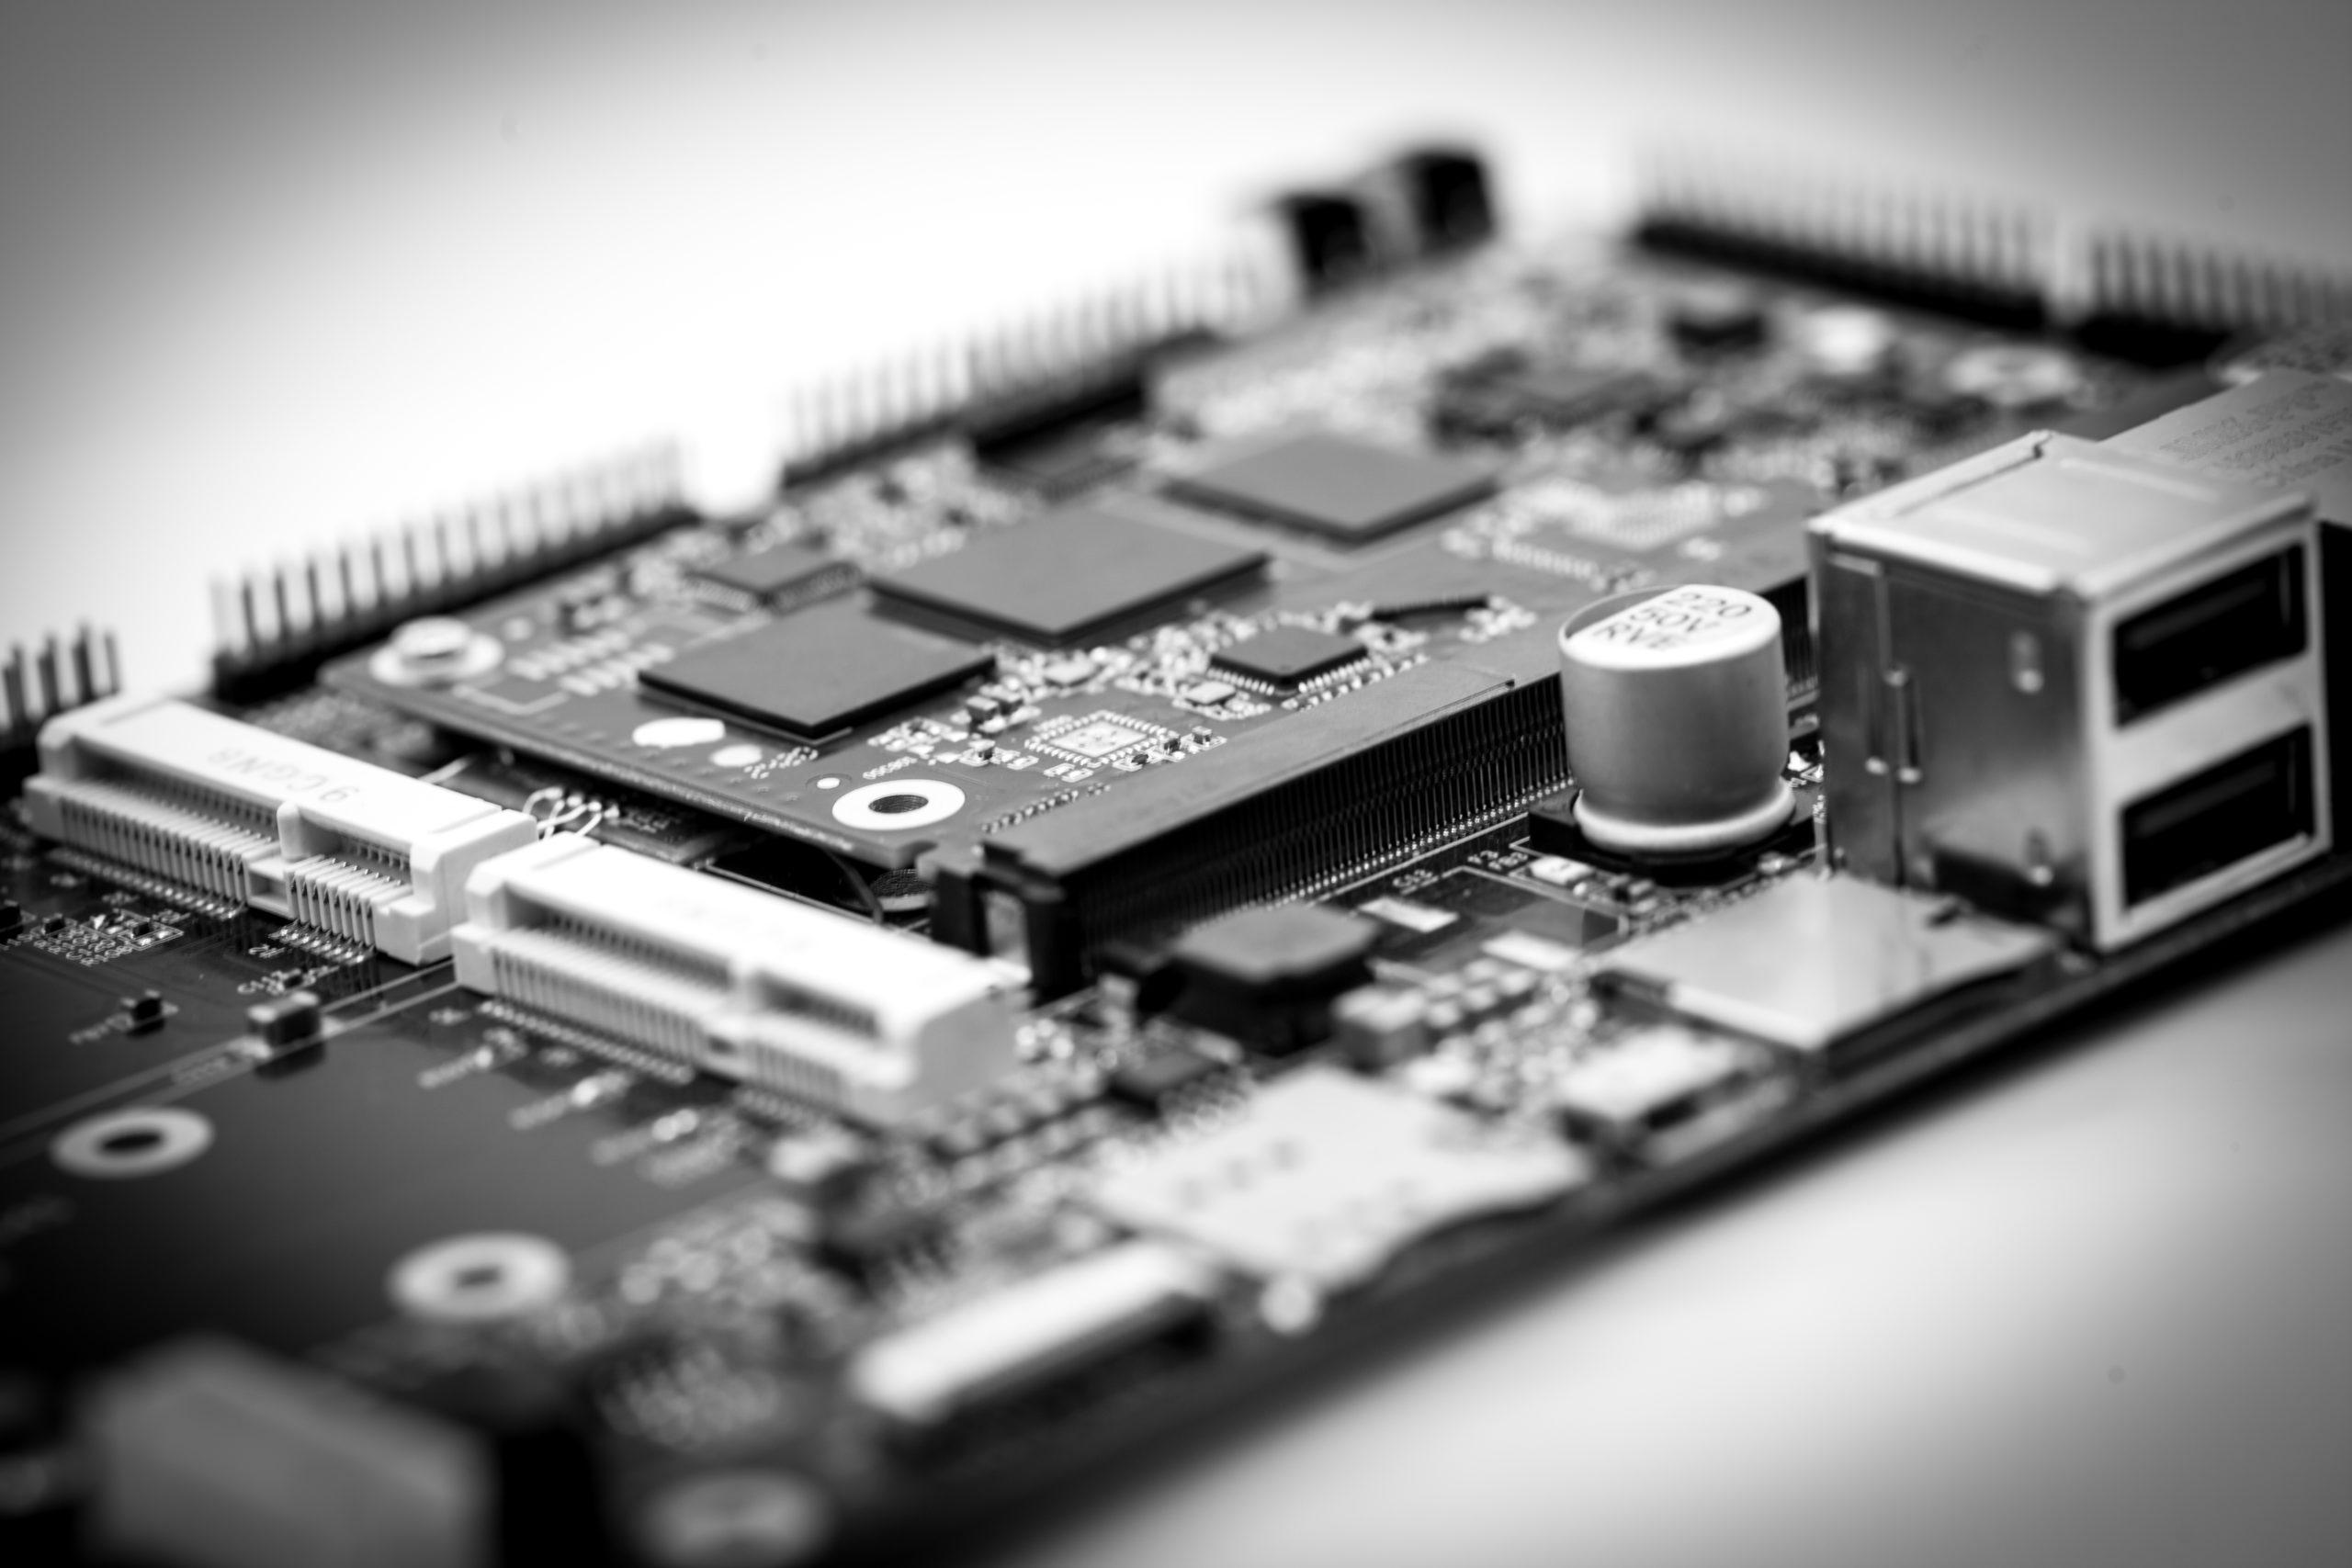 Progettazione hardware del prodotto nell'industria 4.0